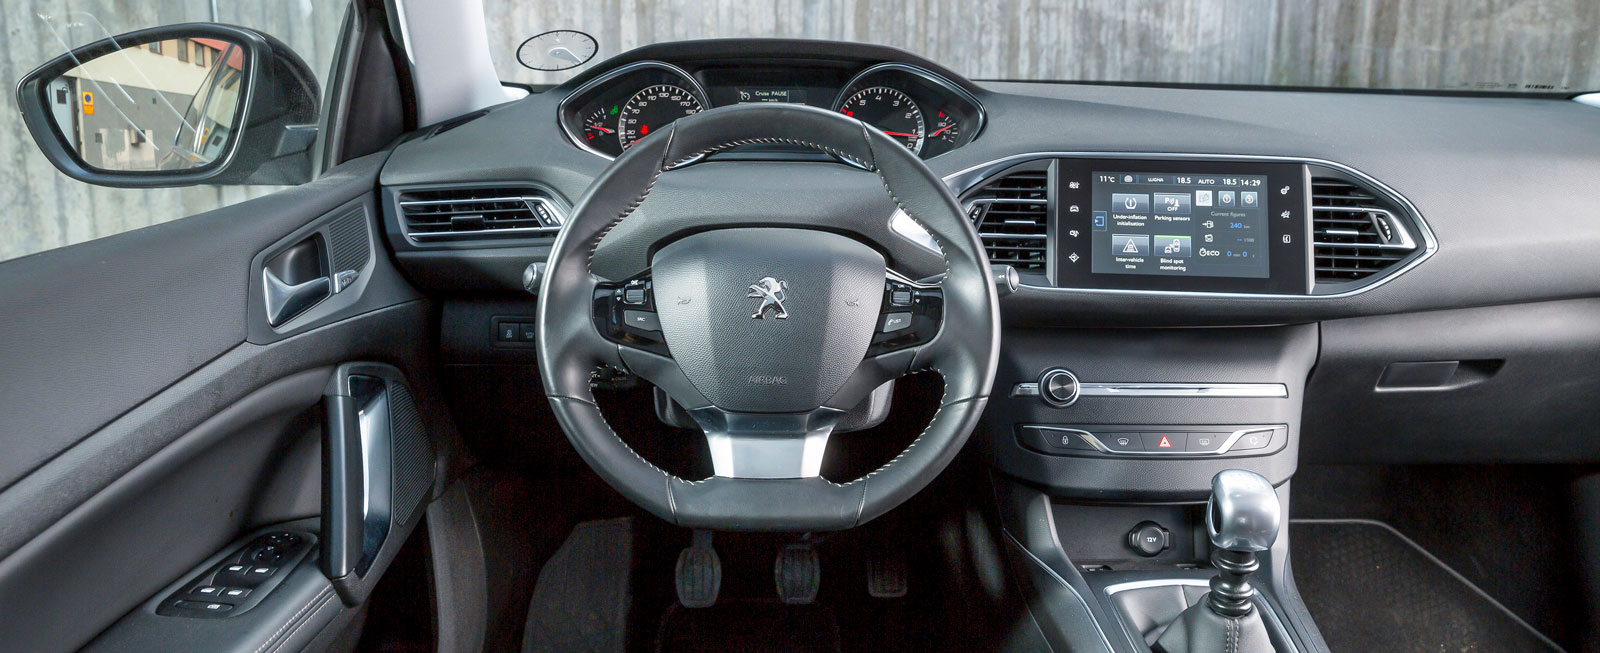 Få knappar, minimal ratt och högt placerade mätare. Peugeots förarmiljö är speciell, på gott och ont. Varför sköts exempelvis värmen via pekskärmen?